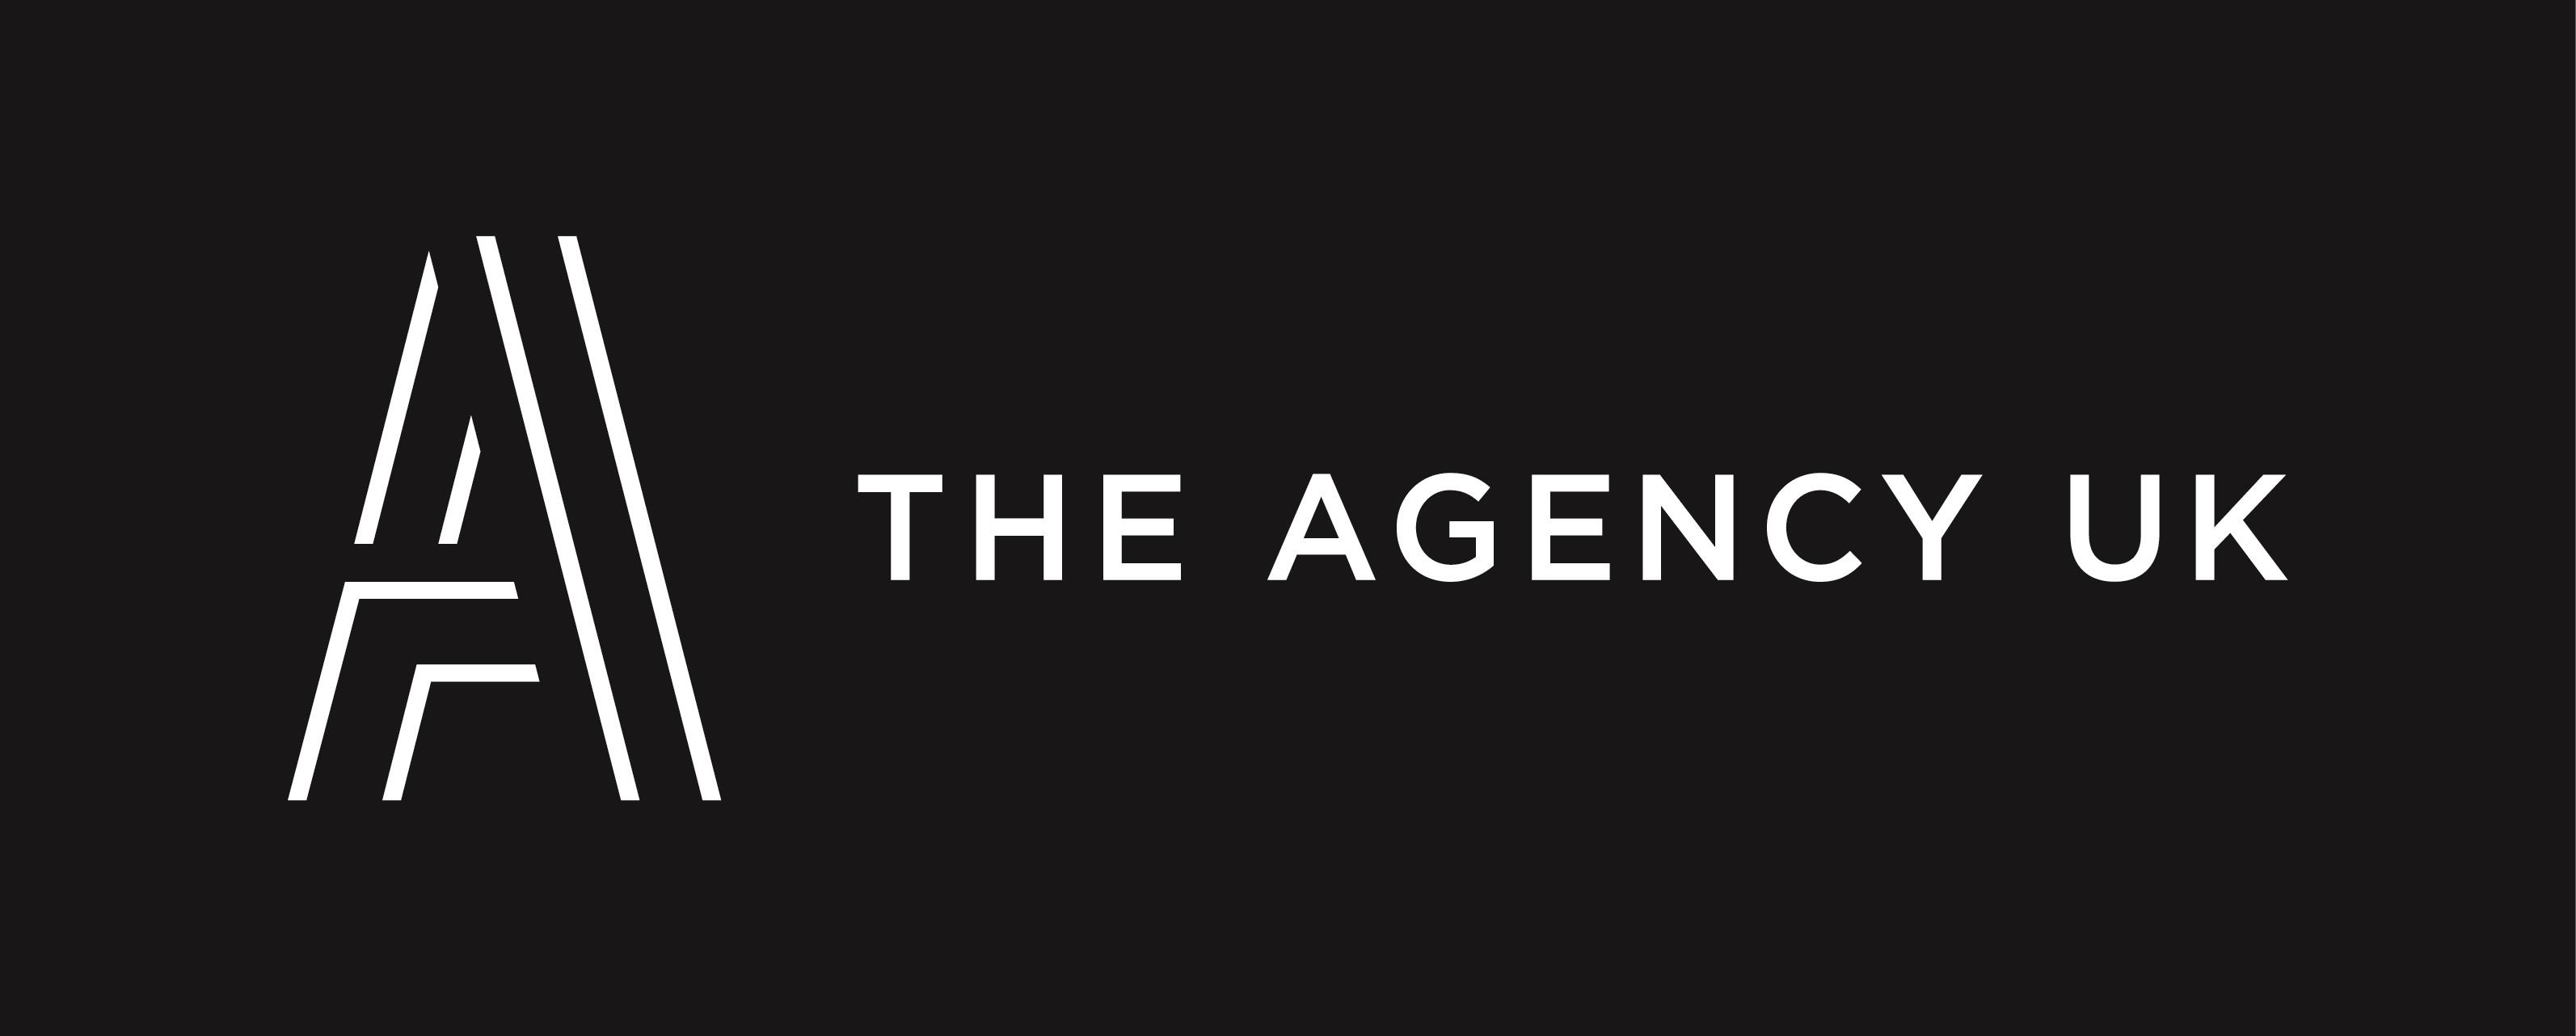 The Agency UK - Nottingham